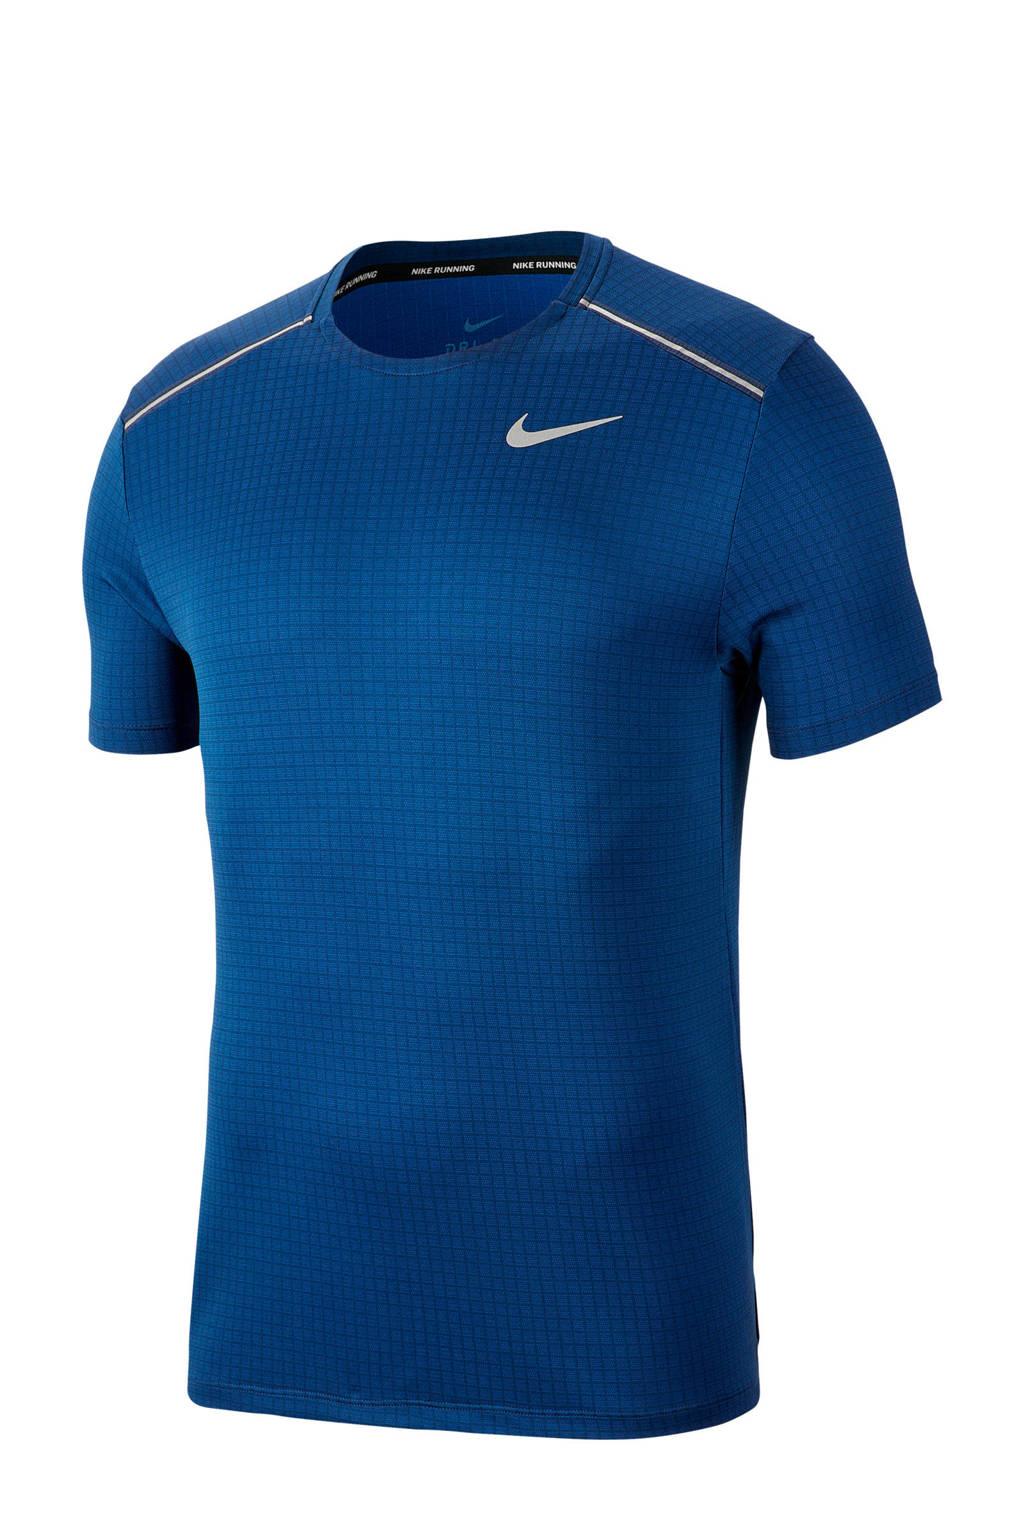 Nike   hardloop T-shirt blauw, Blauw